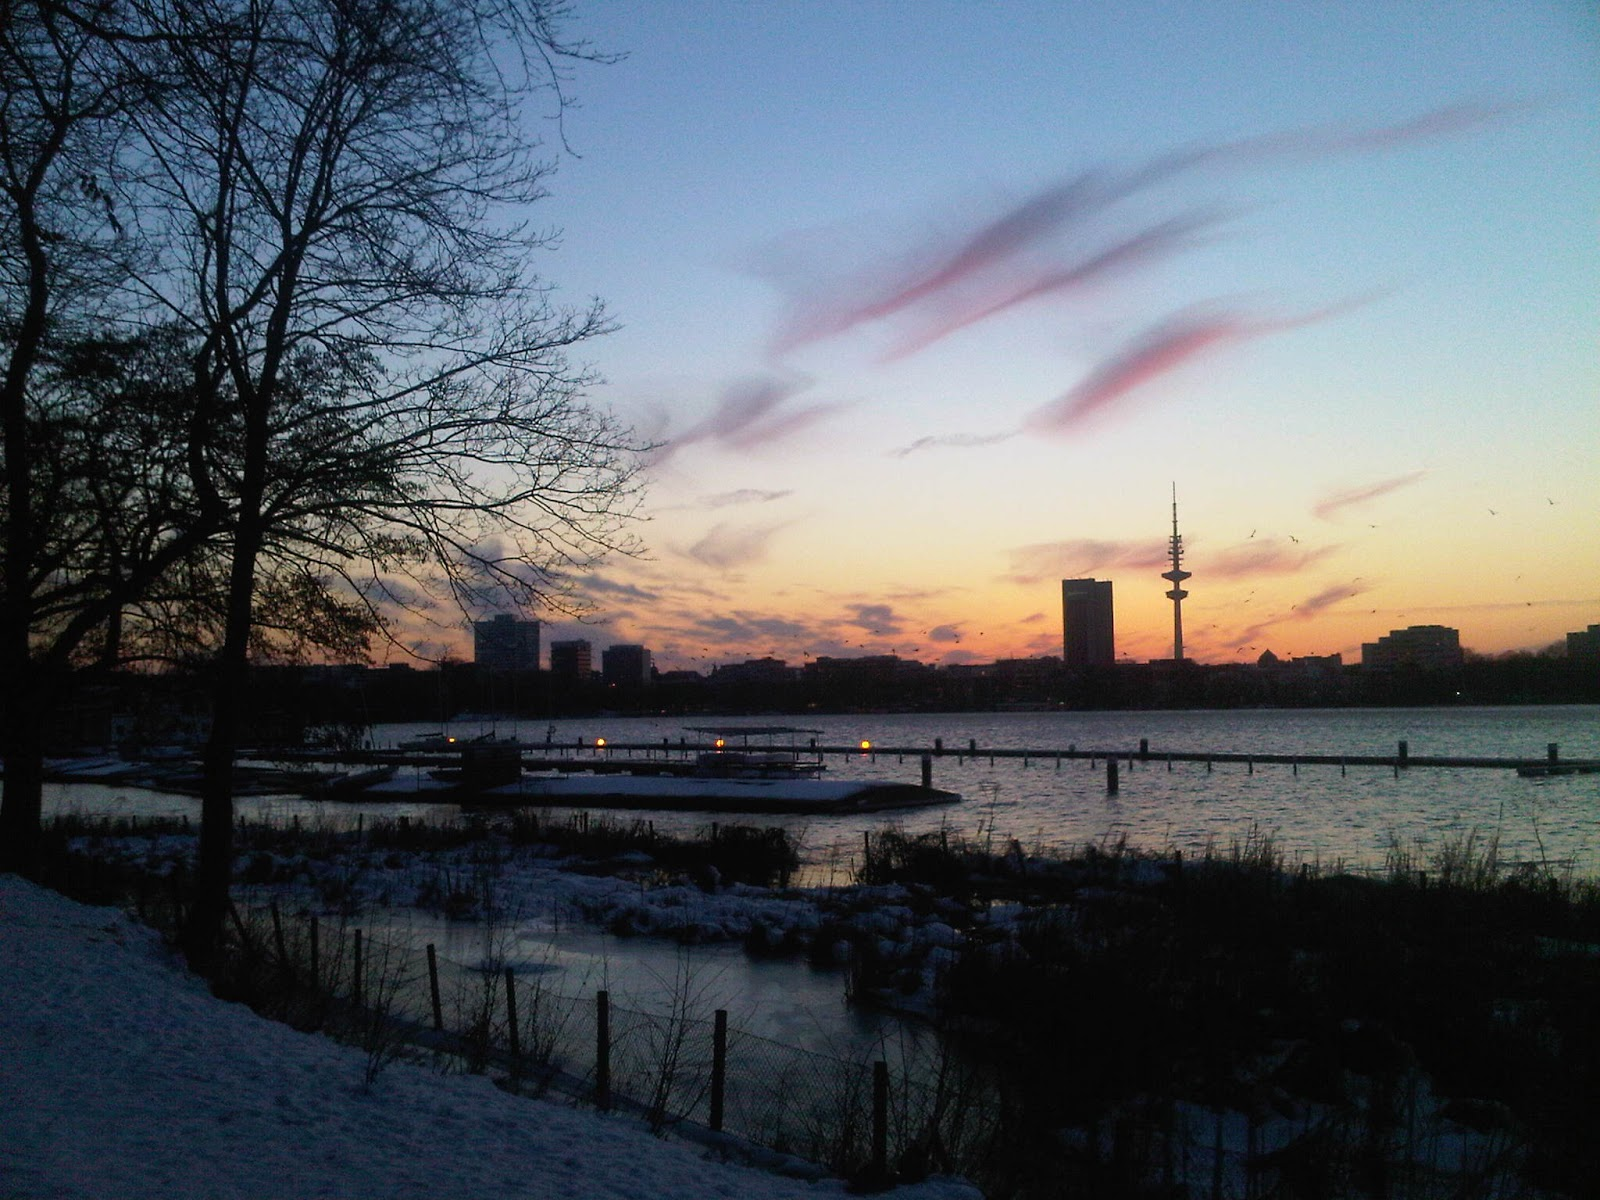 Silhuette vom Fernsehturm in Hamburg über die Alster bei Sonnenuntergang. Steg, Lampen über dem Wasser.